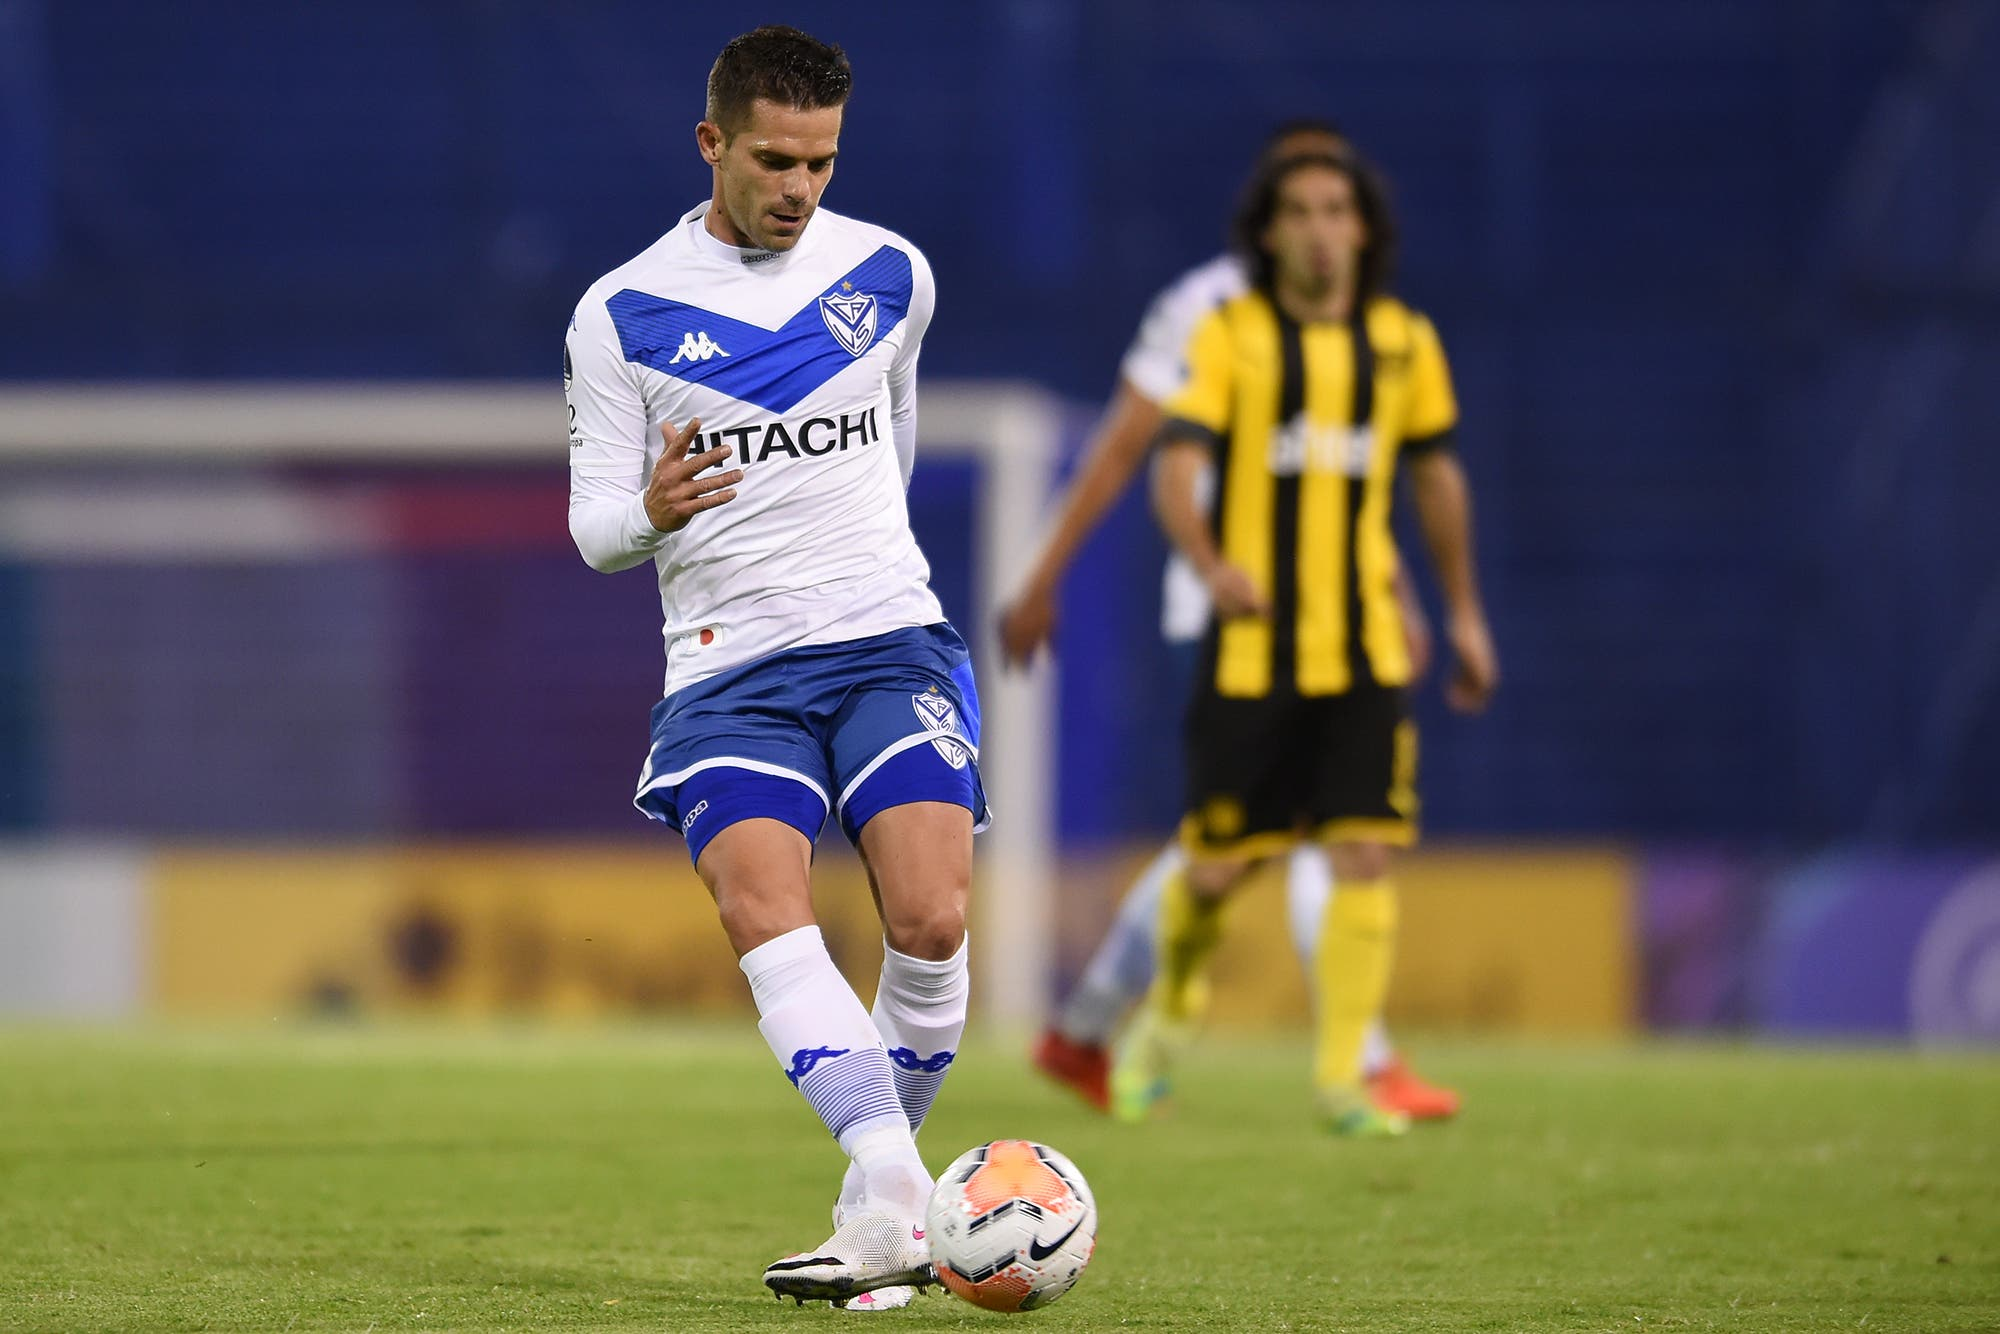 Se retiró Fernando Gago: a los 34 años, el volante anunció que deja el fútbol